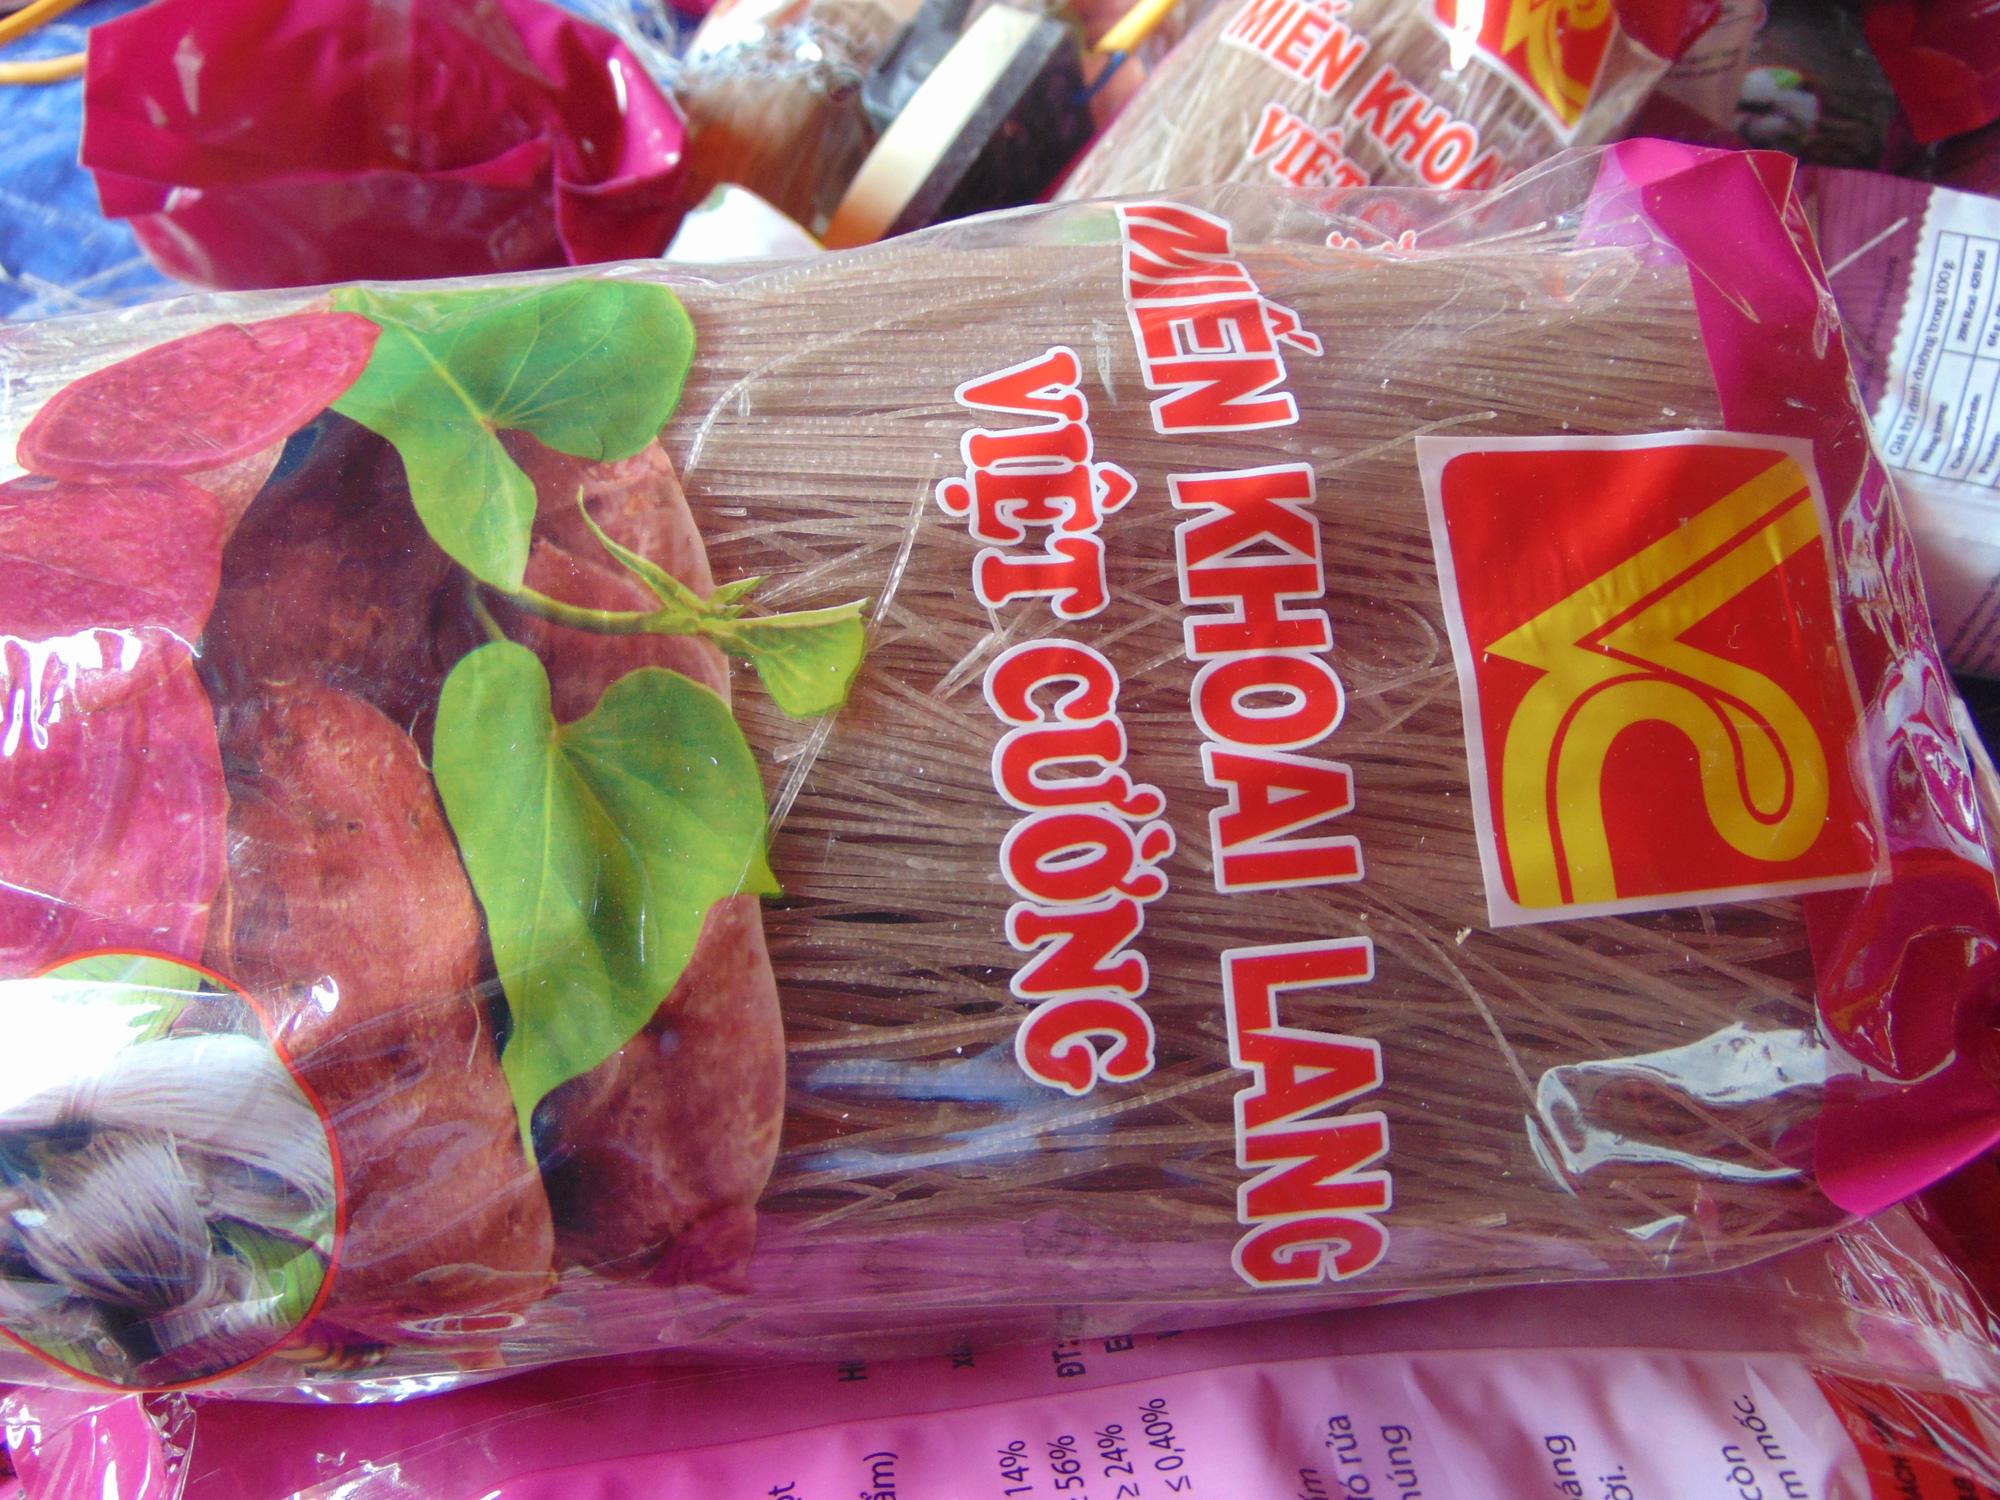 Thái Nguyên: Kêu gọi hợp tác cung ứng các sản phẩm nông nghiệp đạt tiêu chuẩn - Ảnh 2.